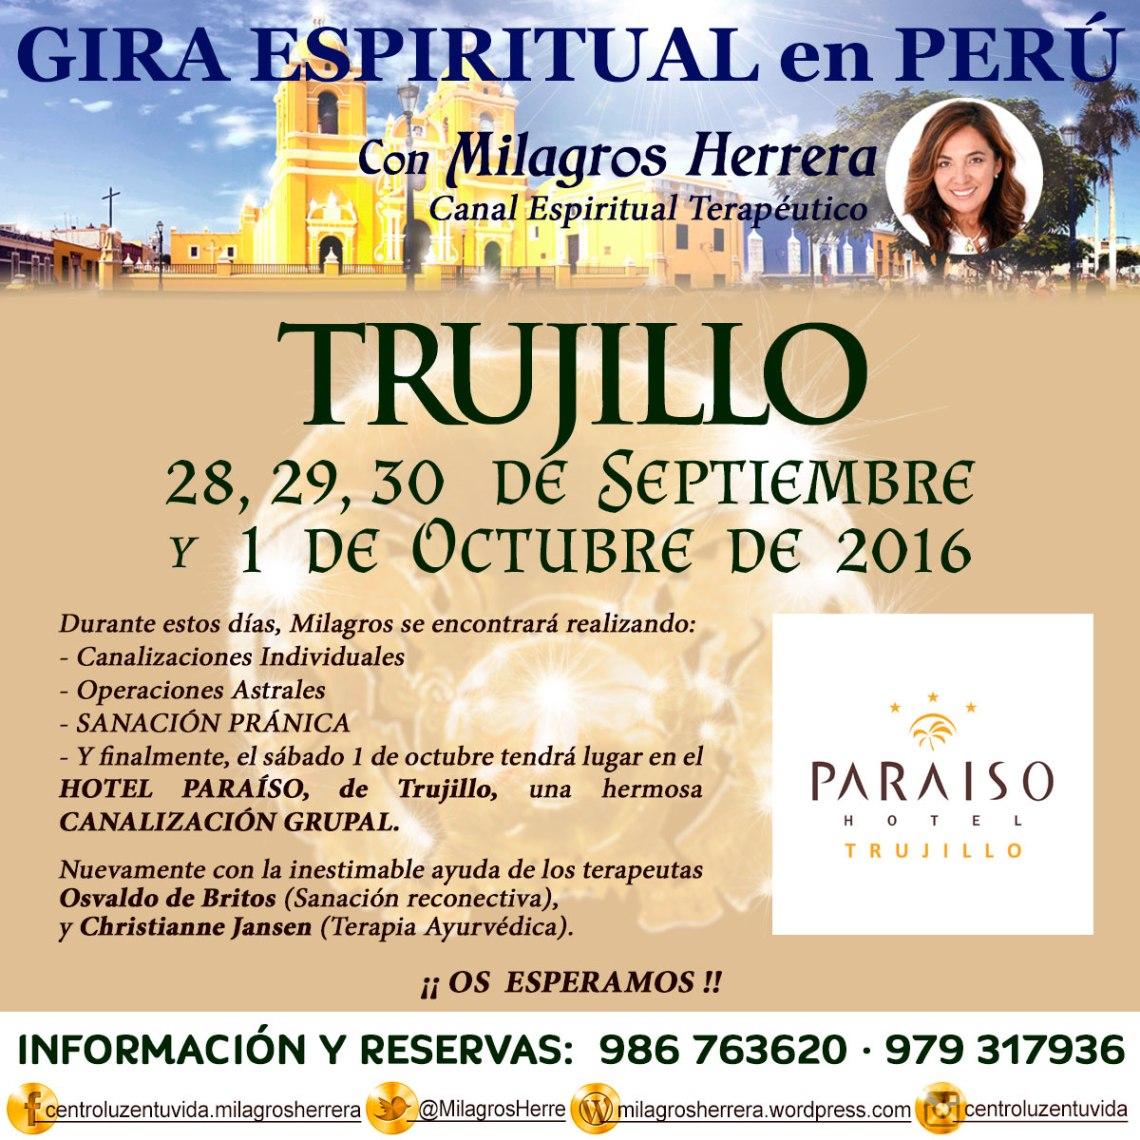 Milagros Herrera Canal Espiritual Terapéutico, reservas Gira Espiritual en Perú: 986 763 620 y 979 317 936